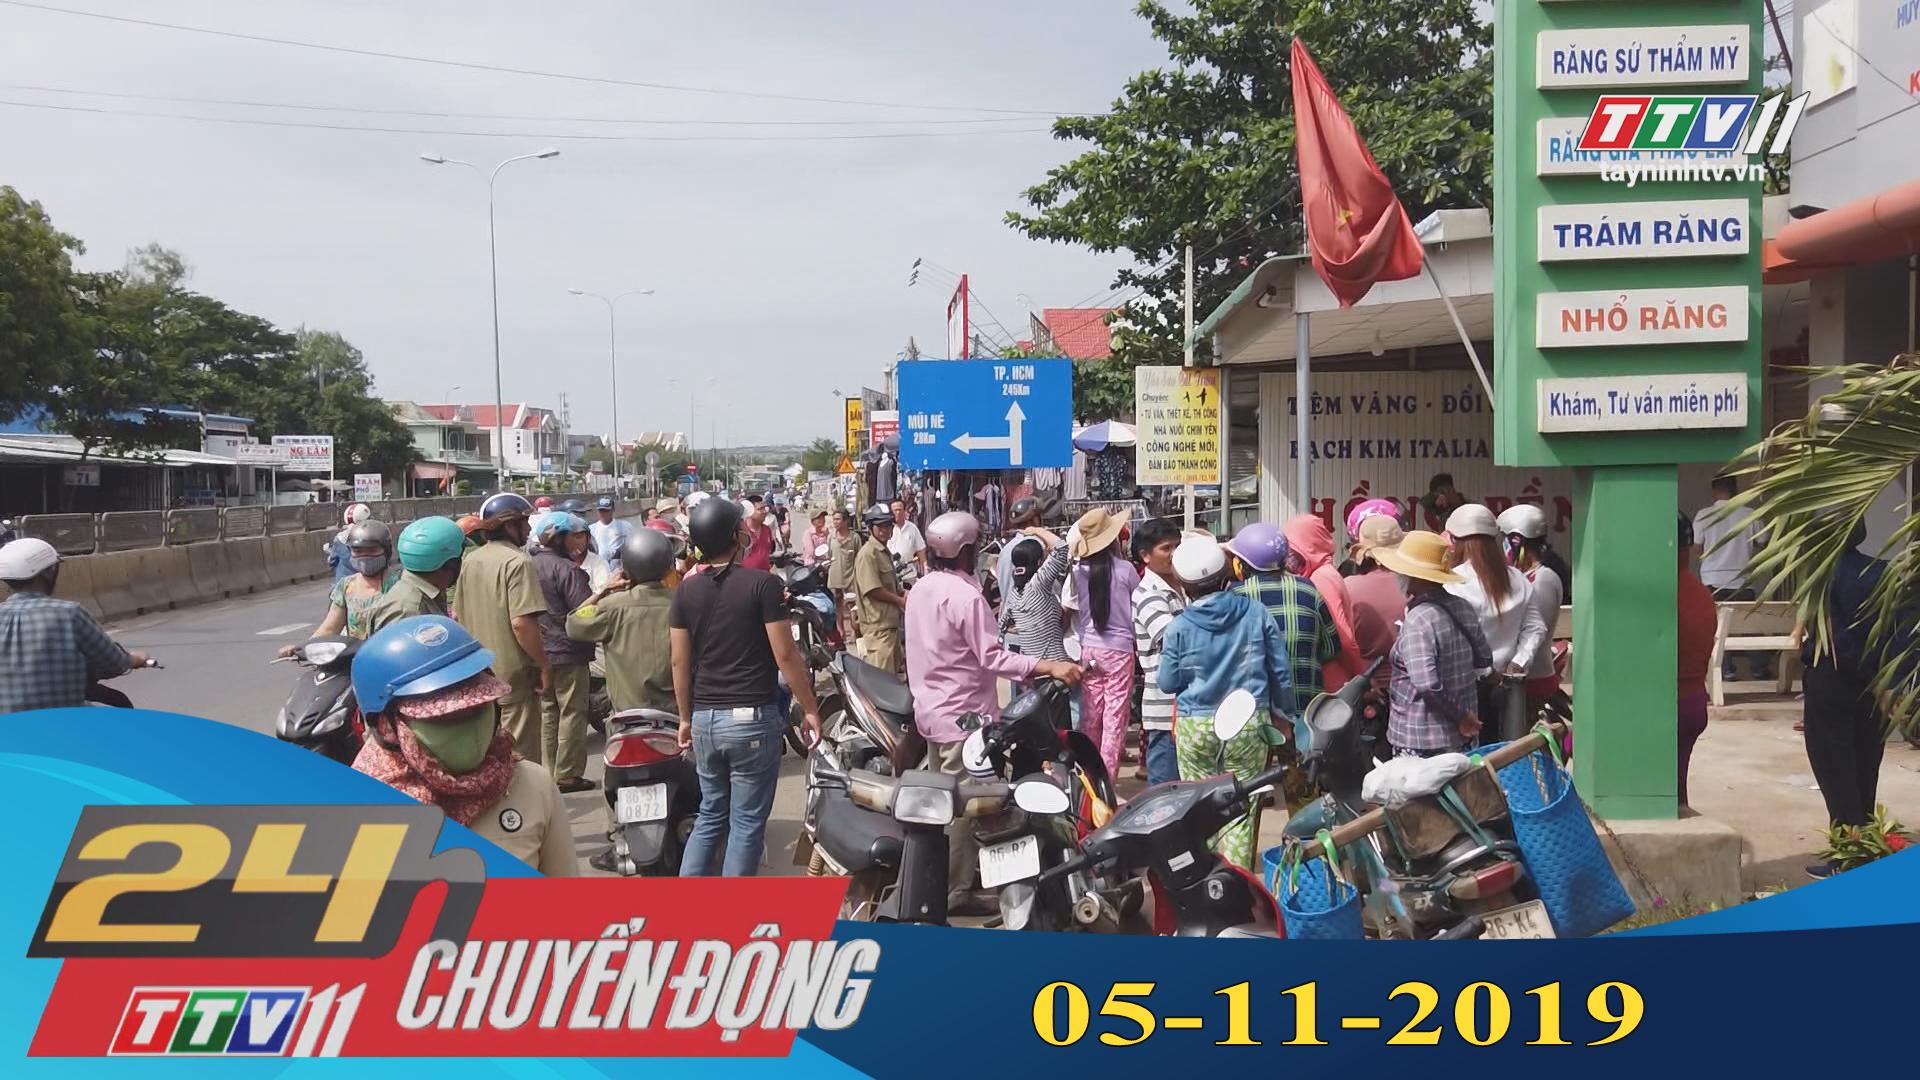 24h Chuyển động 05-11-2019 | Tin tức hôm nay | Tây Ninh TV